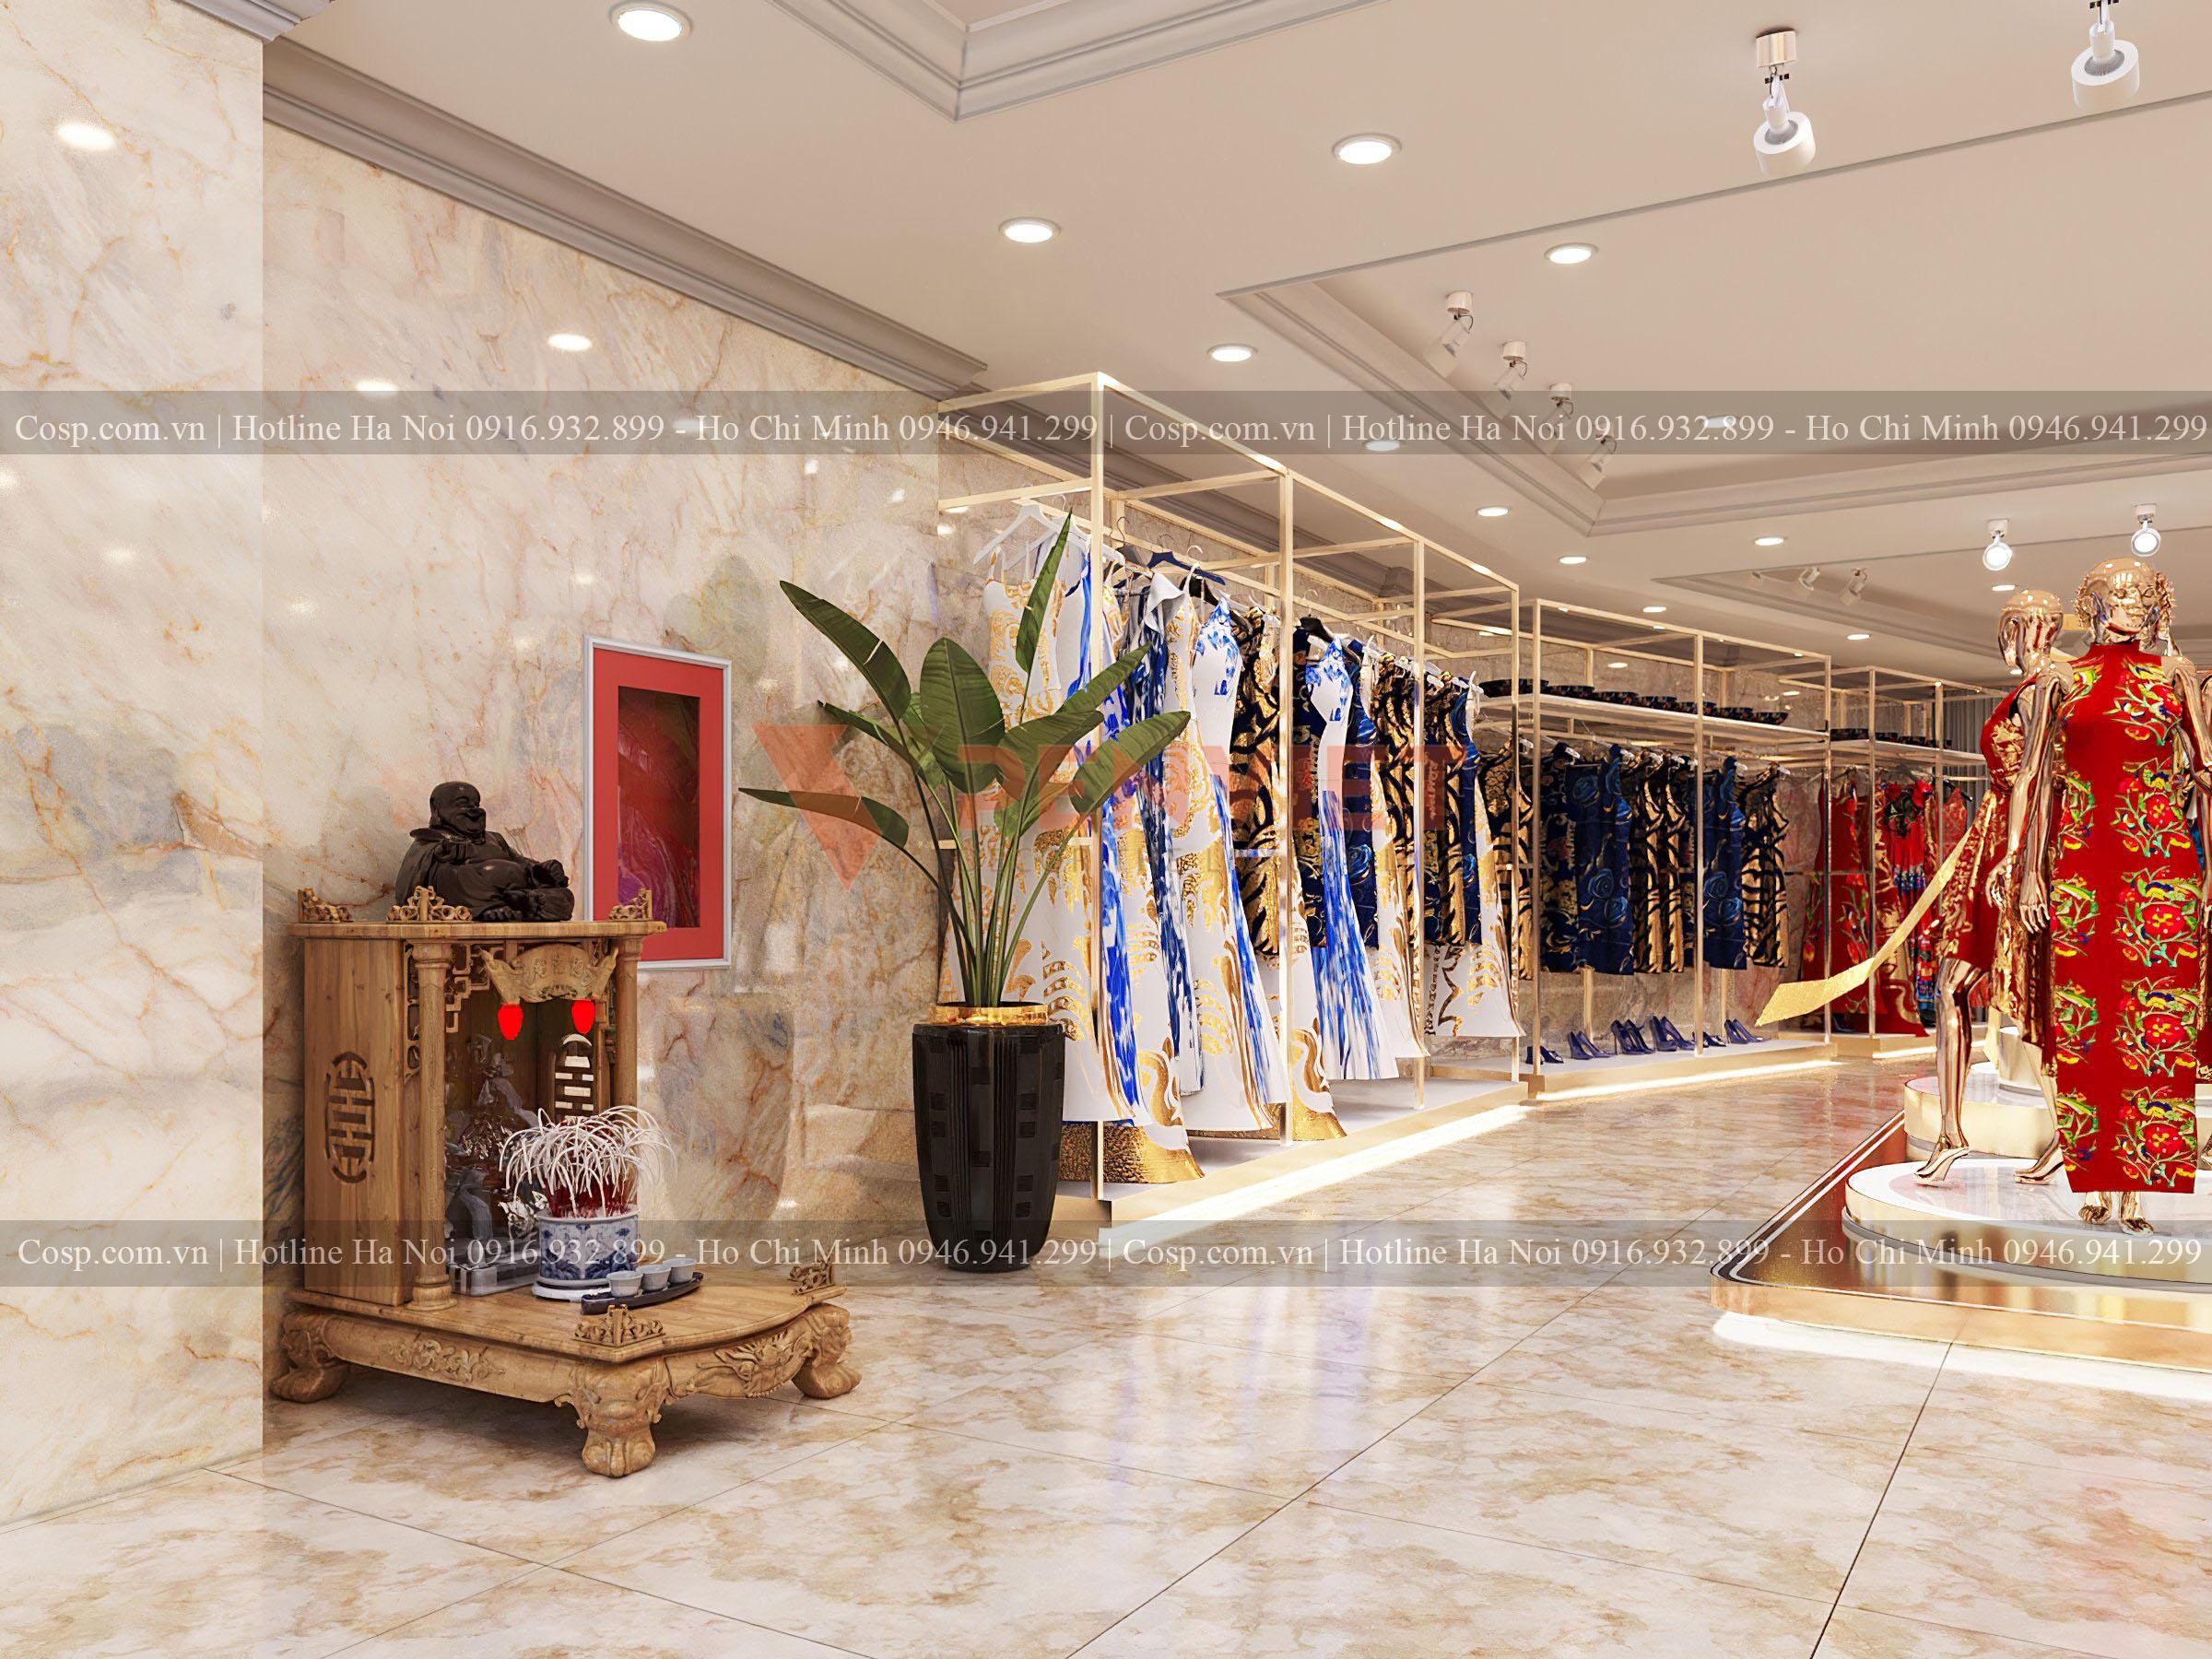 Kệ trưng bày sát tường được làm từ gỗ MDF lõi xanh cốt Thái chống ẩm